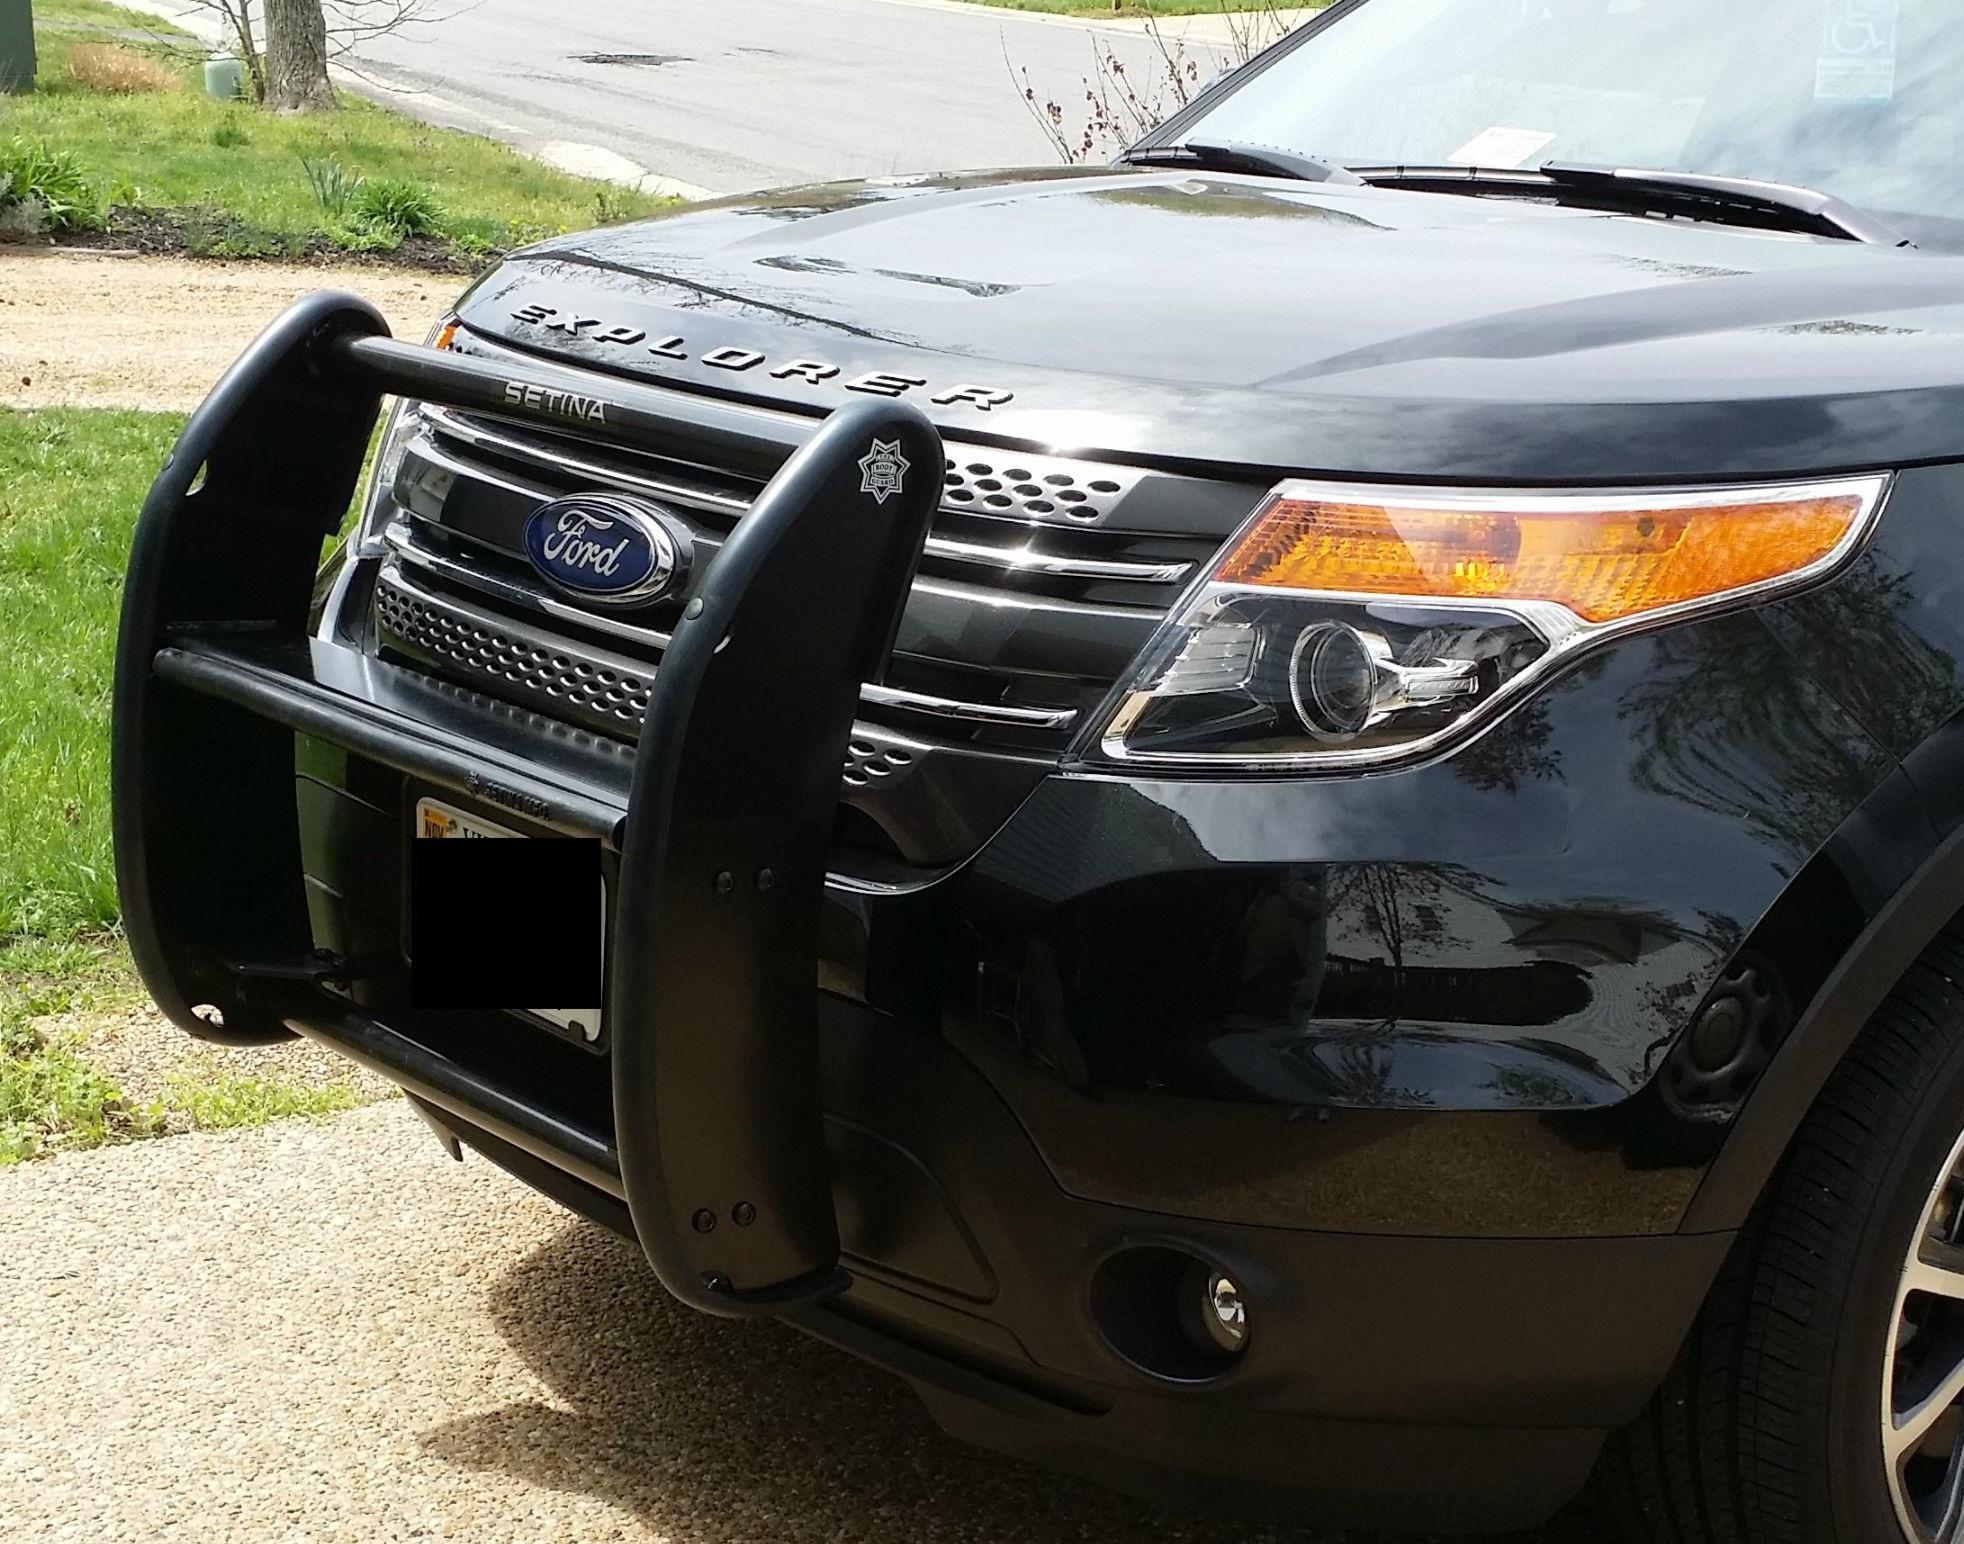 Custom 2015 Ford Fusion >> Ford - Setina PB-400 Series Aluminum Push Bumper | MHQ | MHQ